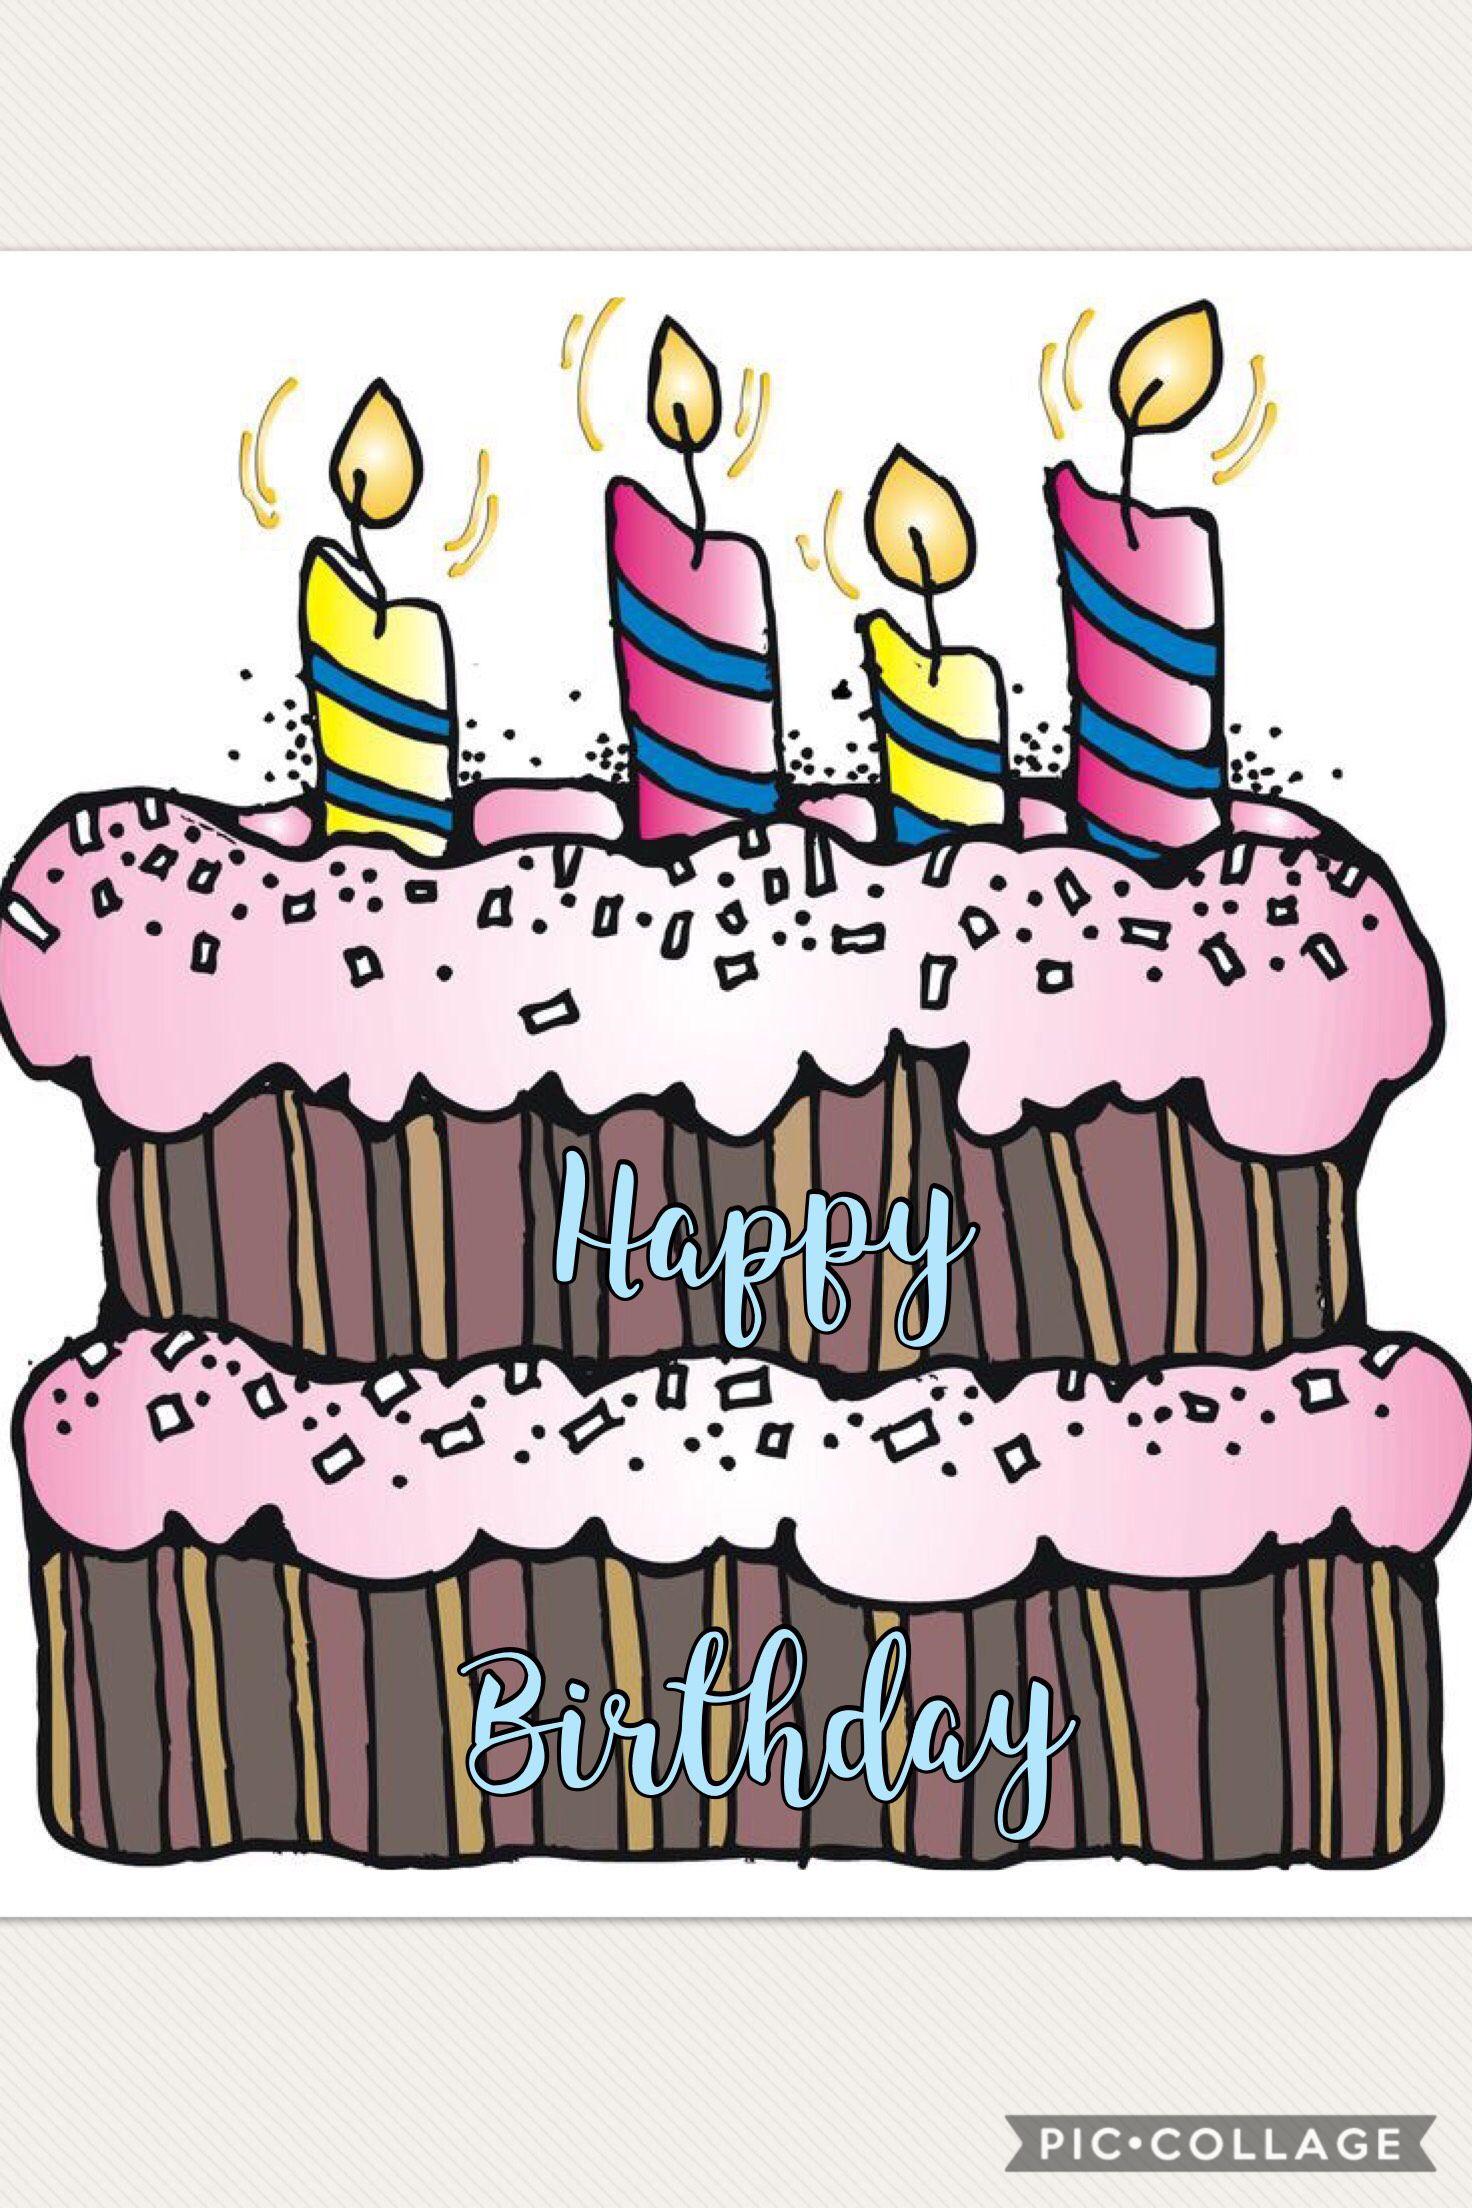 Pin by Renee Volker on Greetings | Happy birthday images, Happy birthday  fun, Birthday wishes